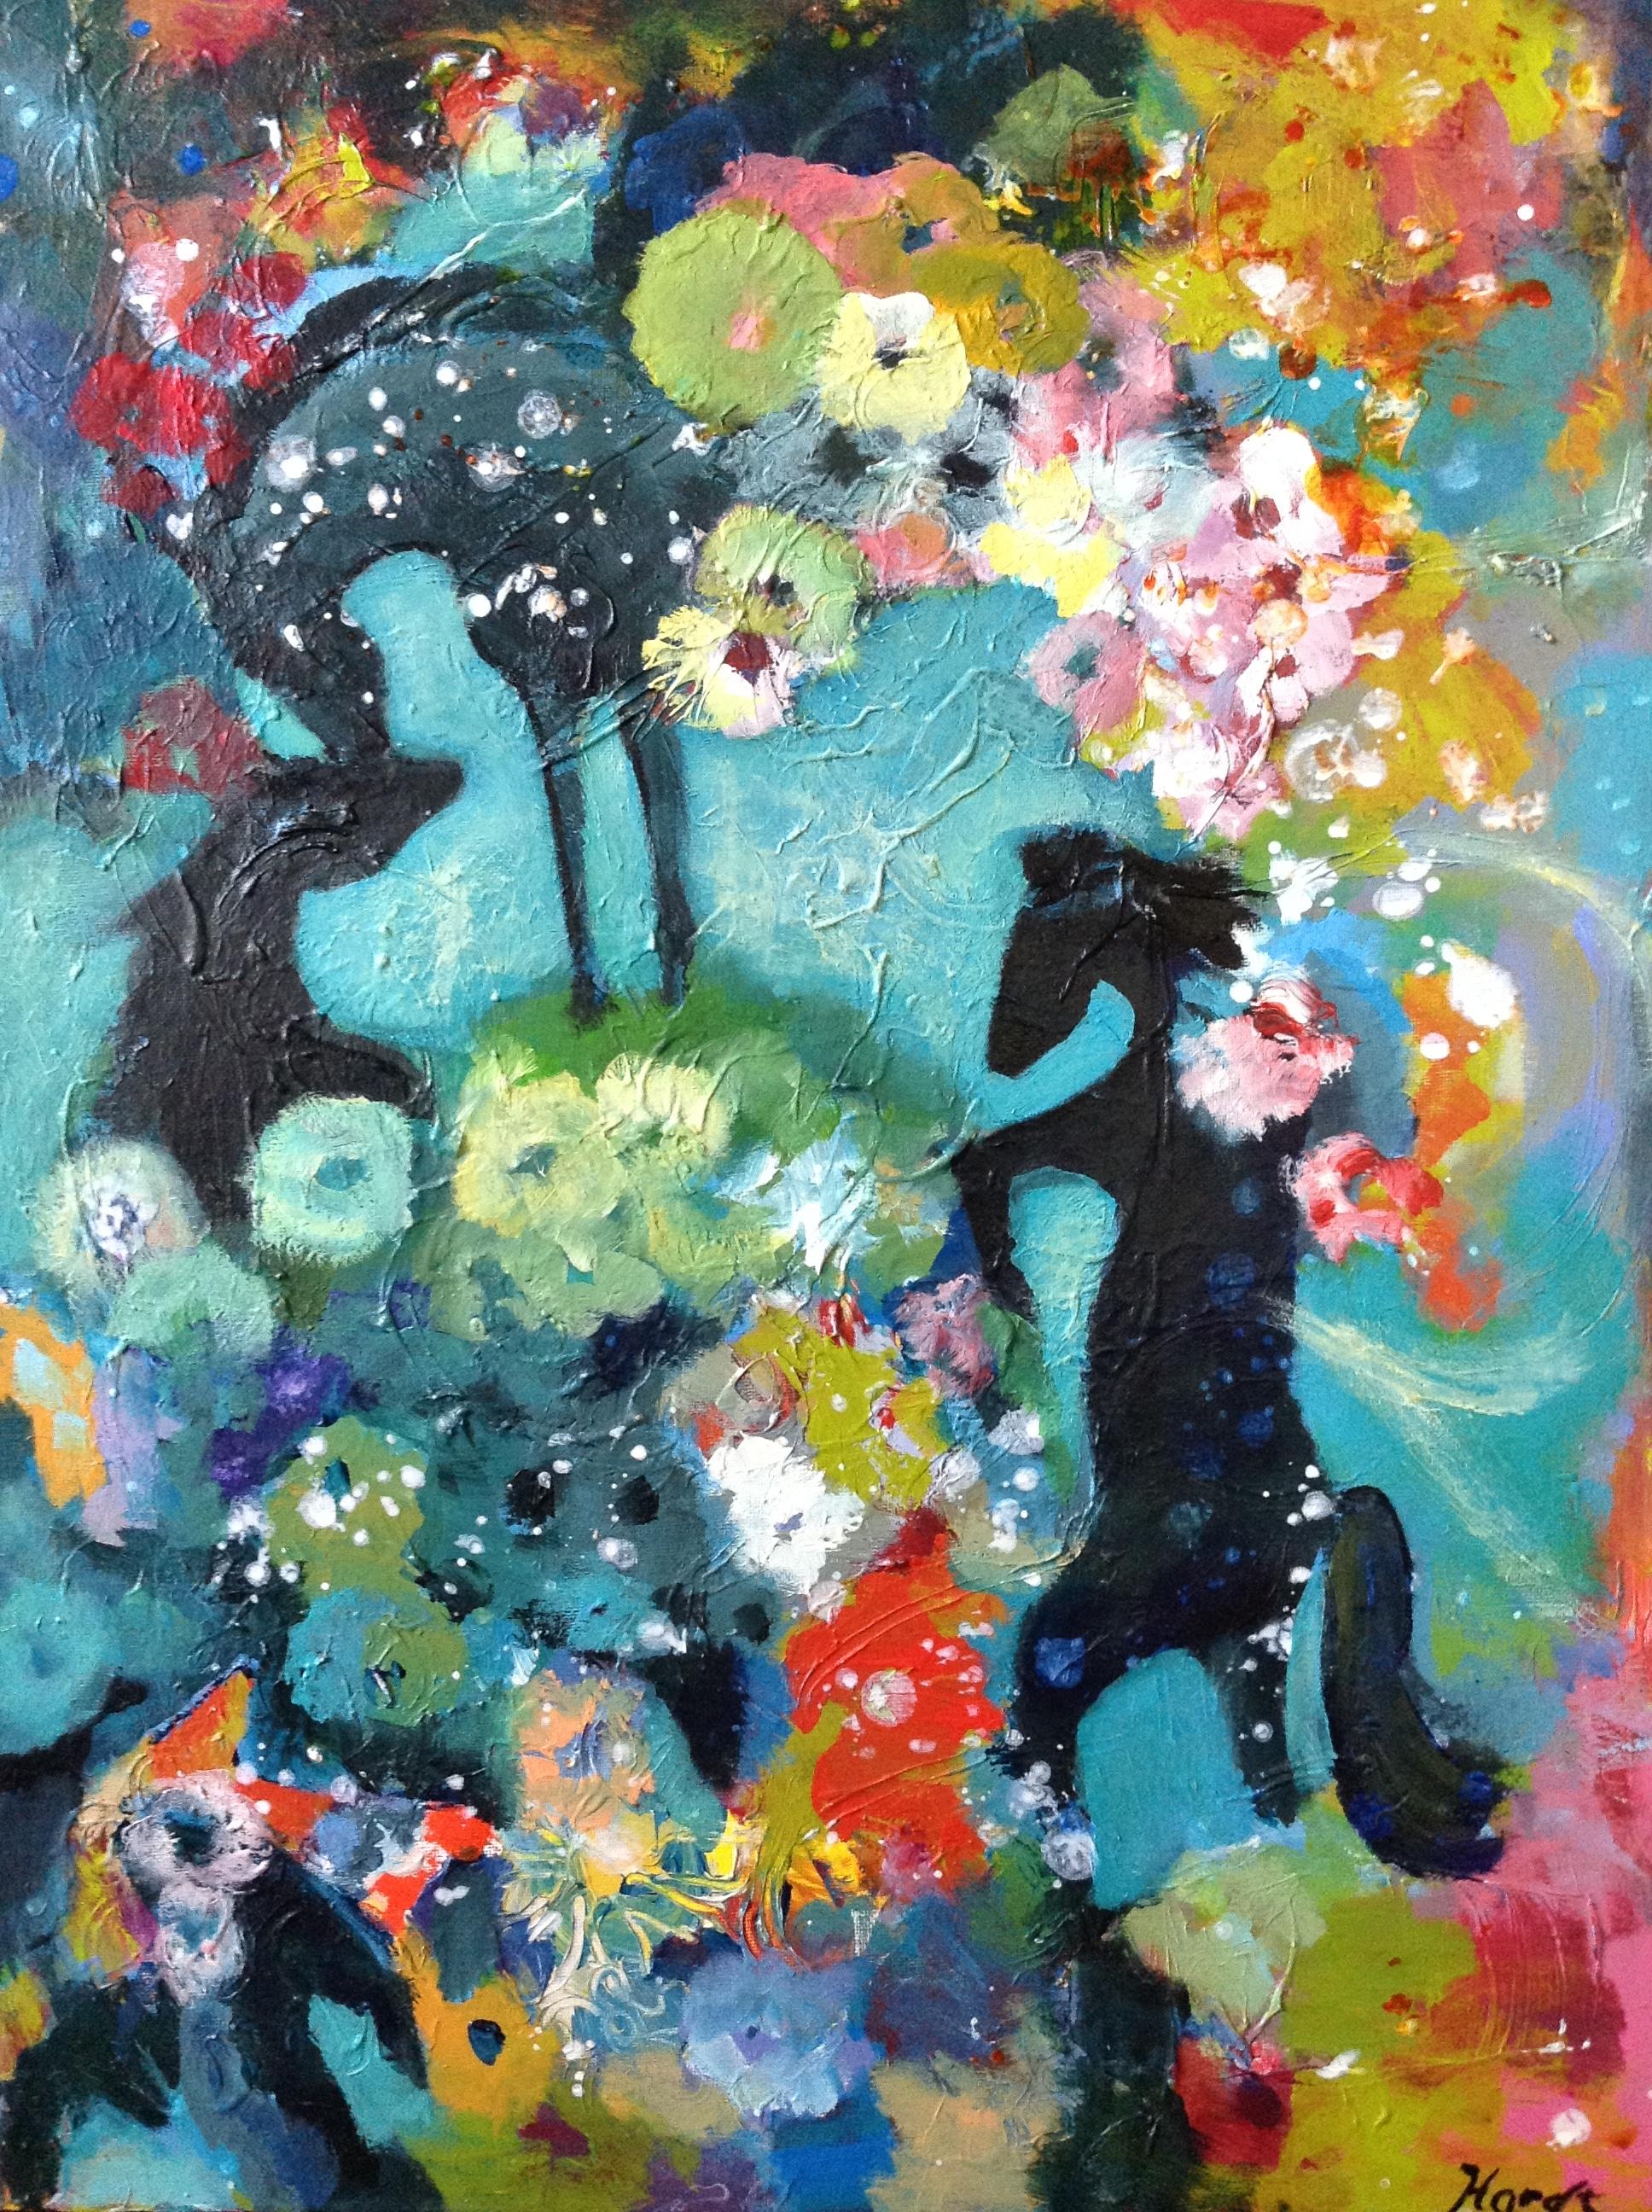 1f5854bac755-Chrystal_Hardt_Dance_of_the_Dark_Horses_acrylic_16_x_20.JPG